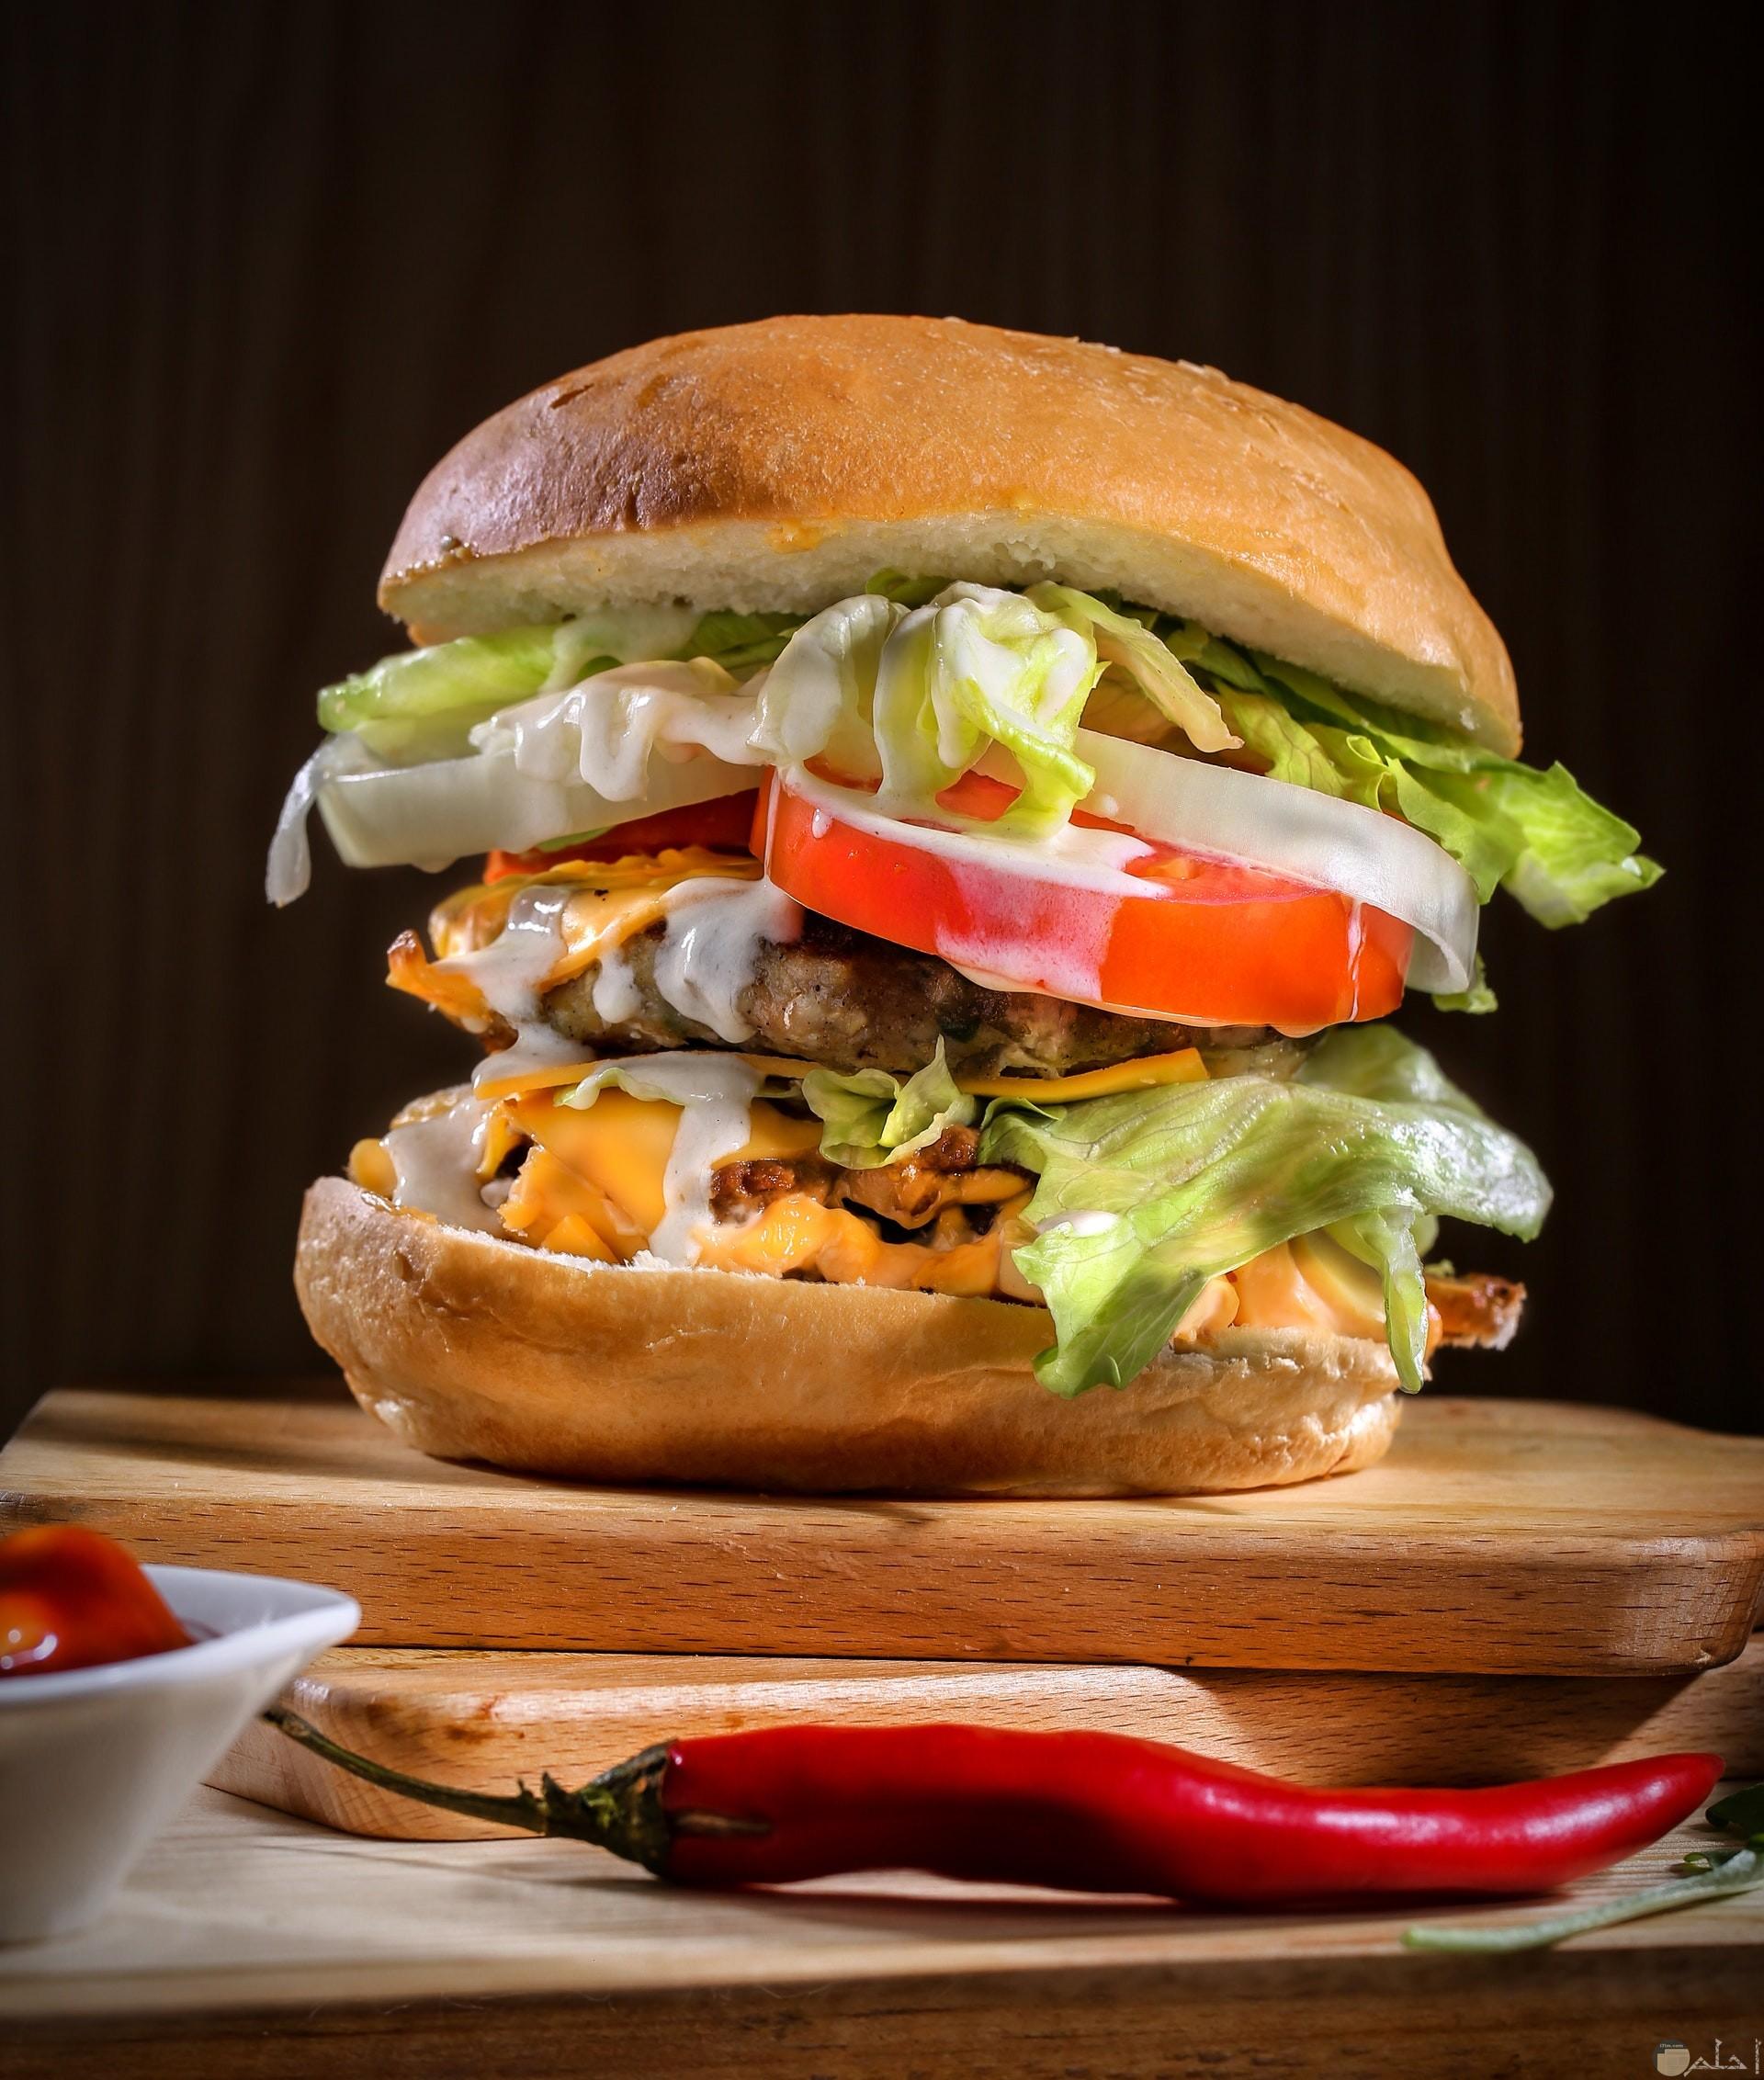 صورة وجبة ساندوتش برجر شهي مع قرن أحمر حار